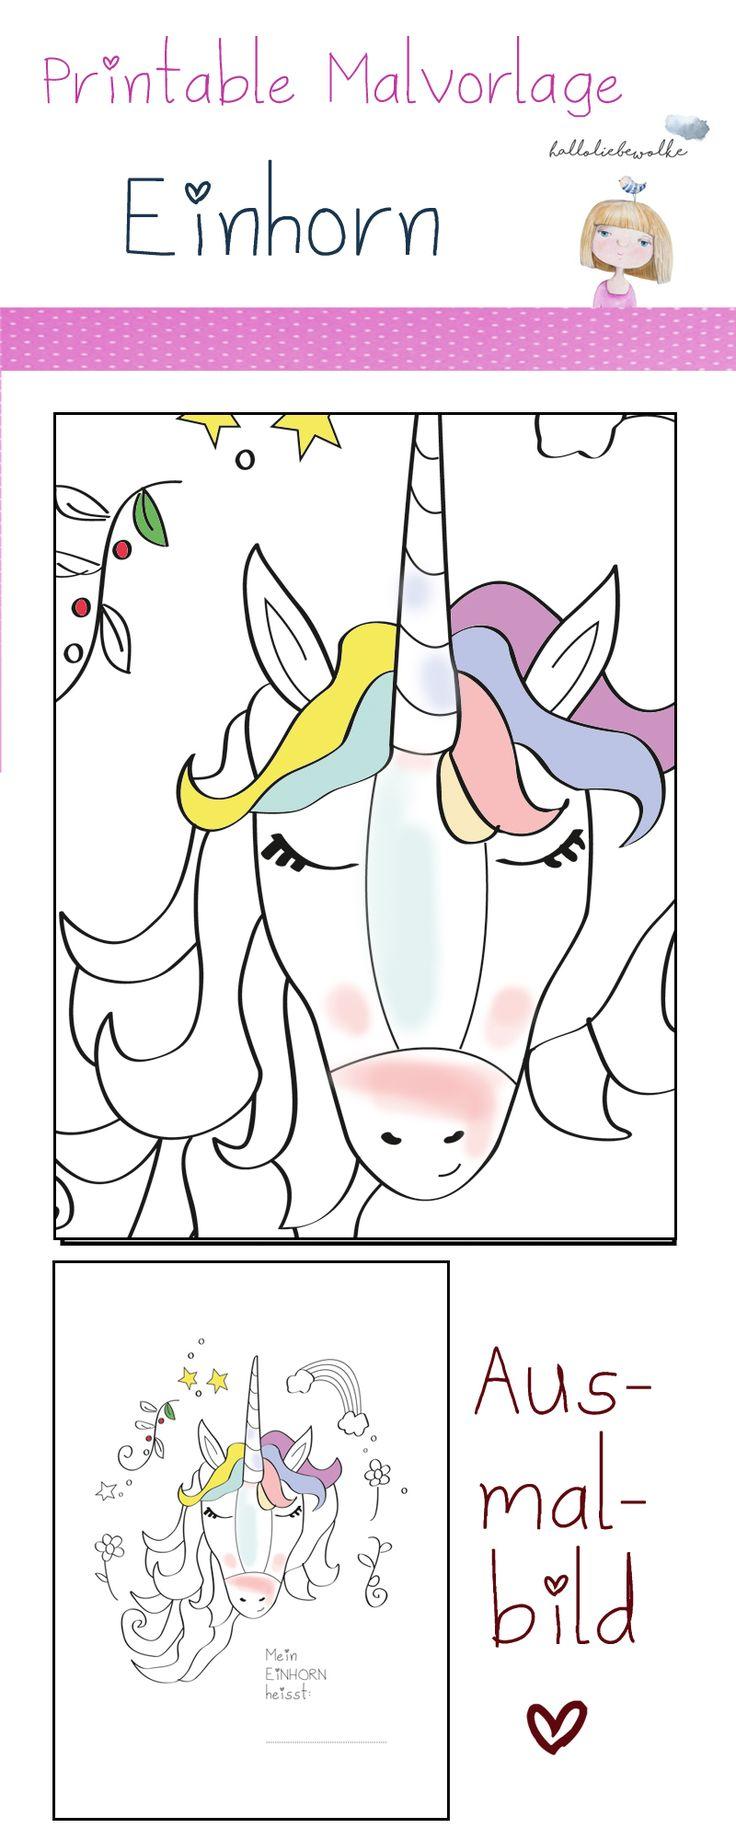 Einhorn Ausmalbild Ein Printable zum freien Download für kleine Prinzessinnen eine Malvorlage ihres